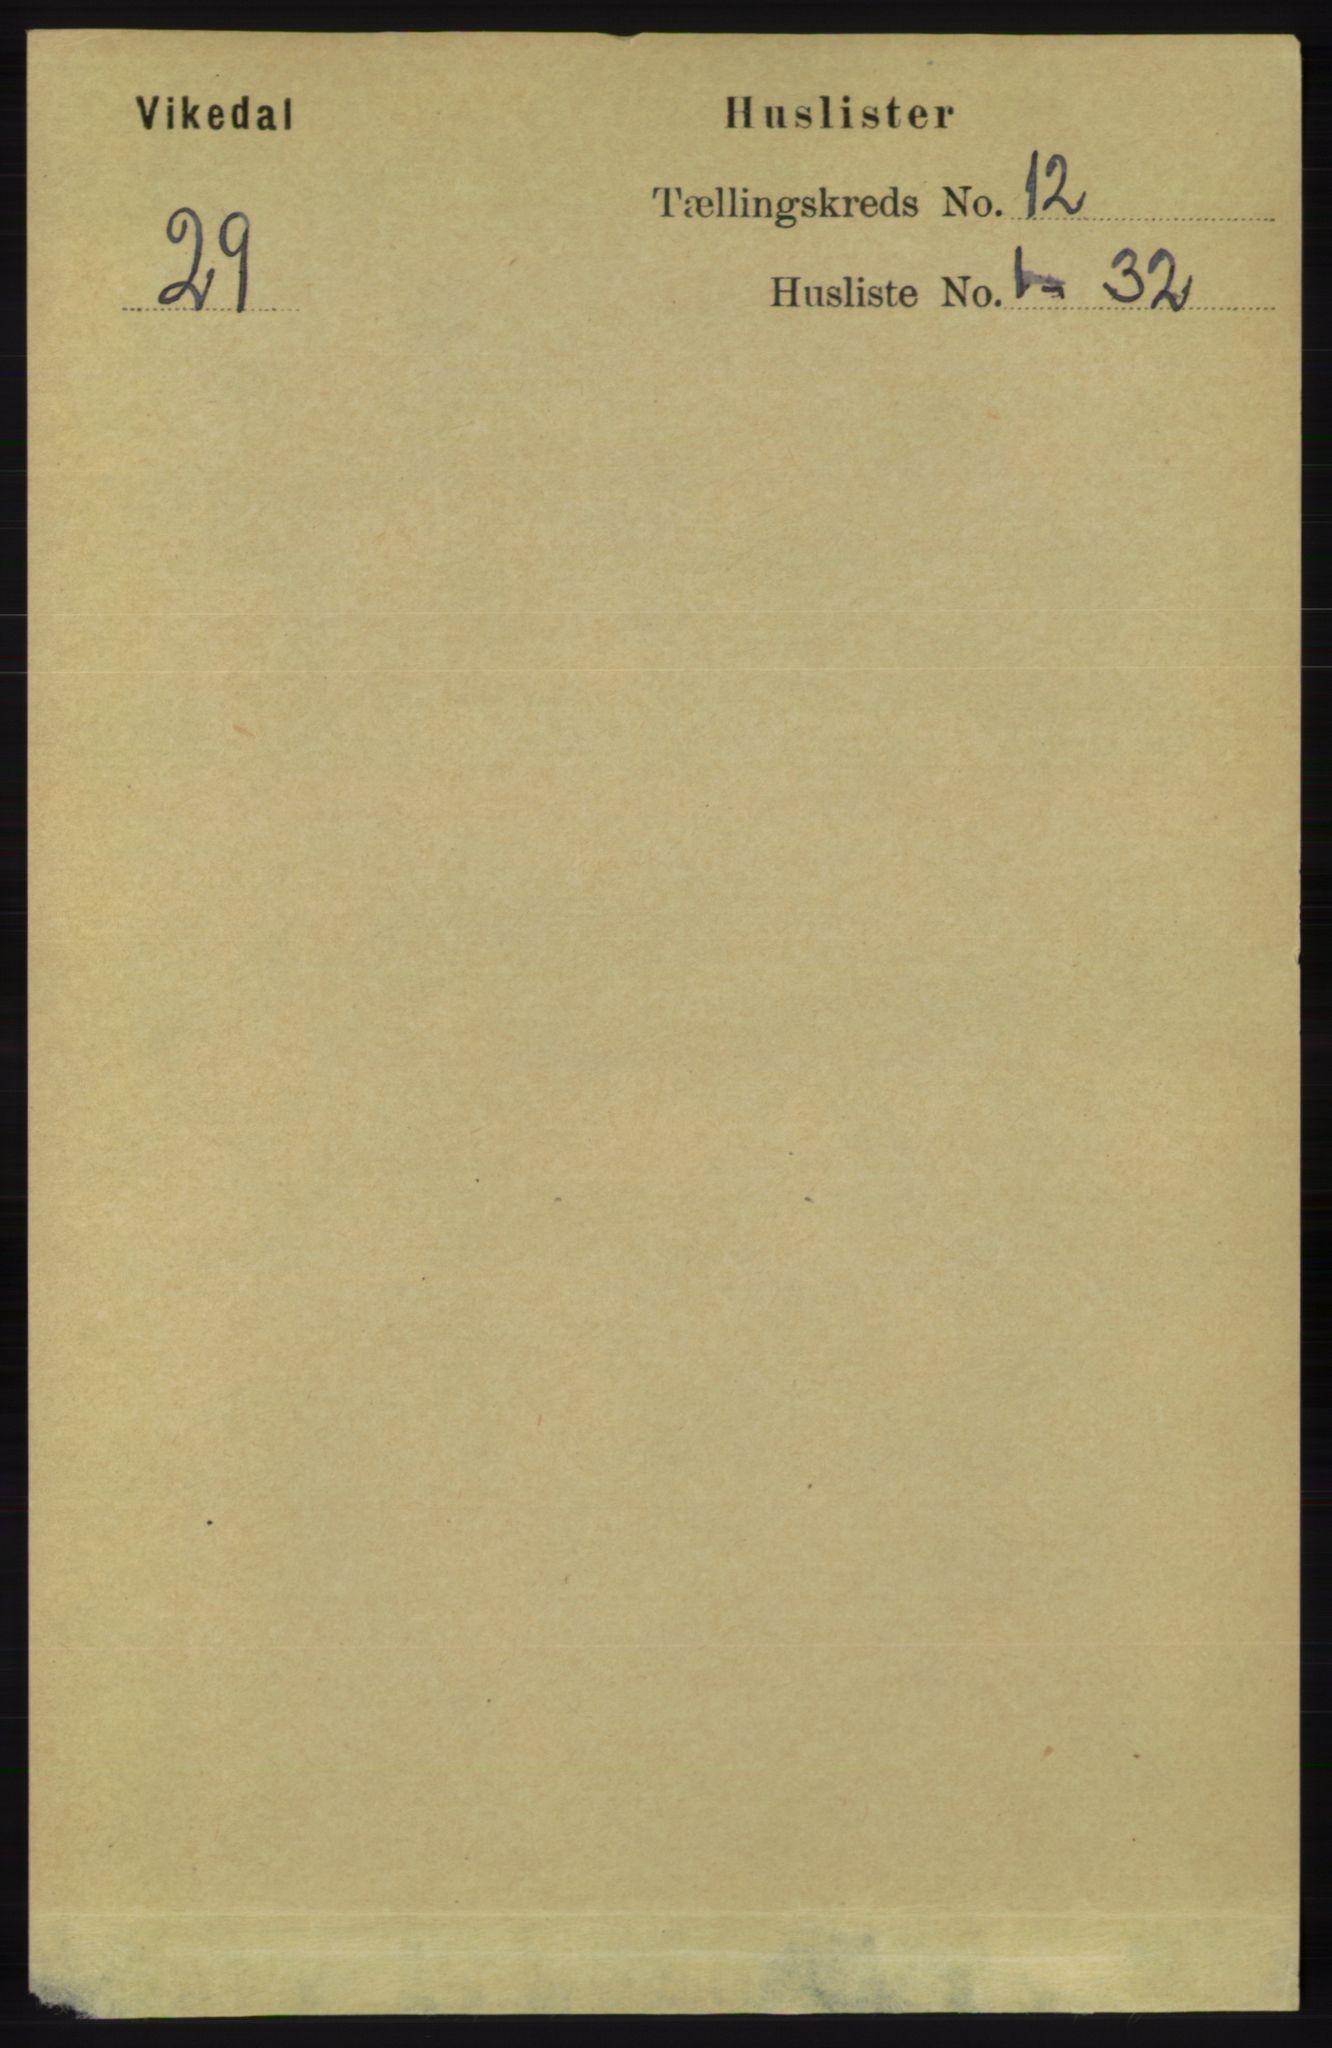 RA, Folketelling 1891 for 1157 Vikedal herred, 1891, s. 3147